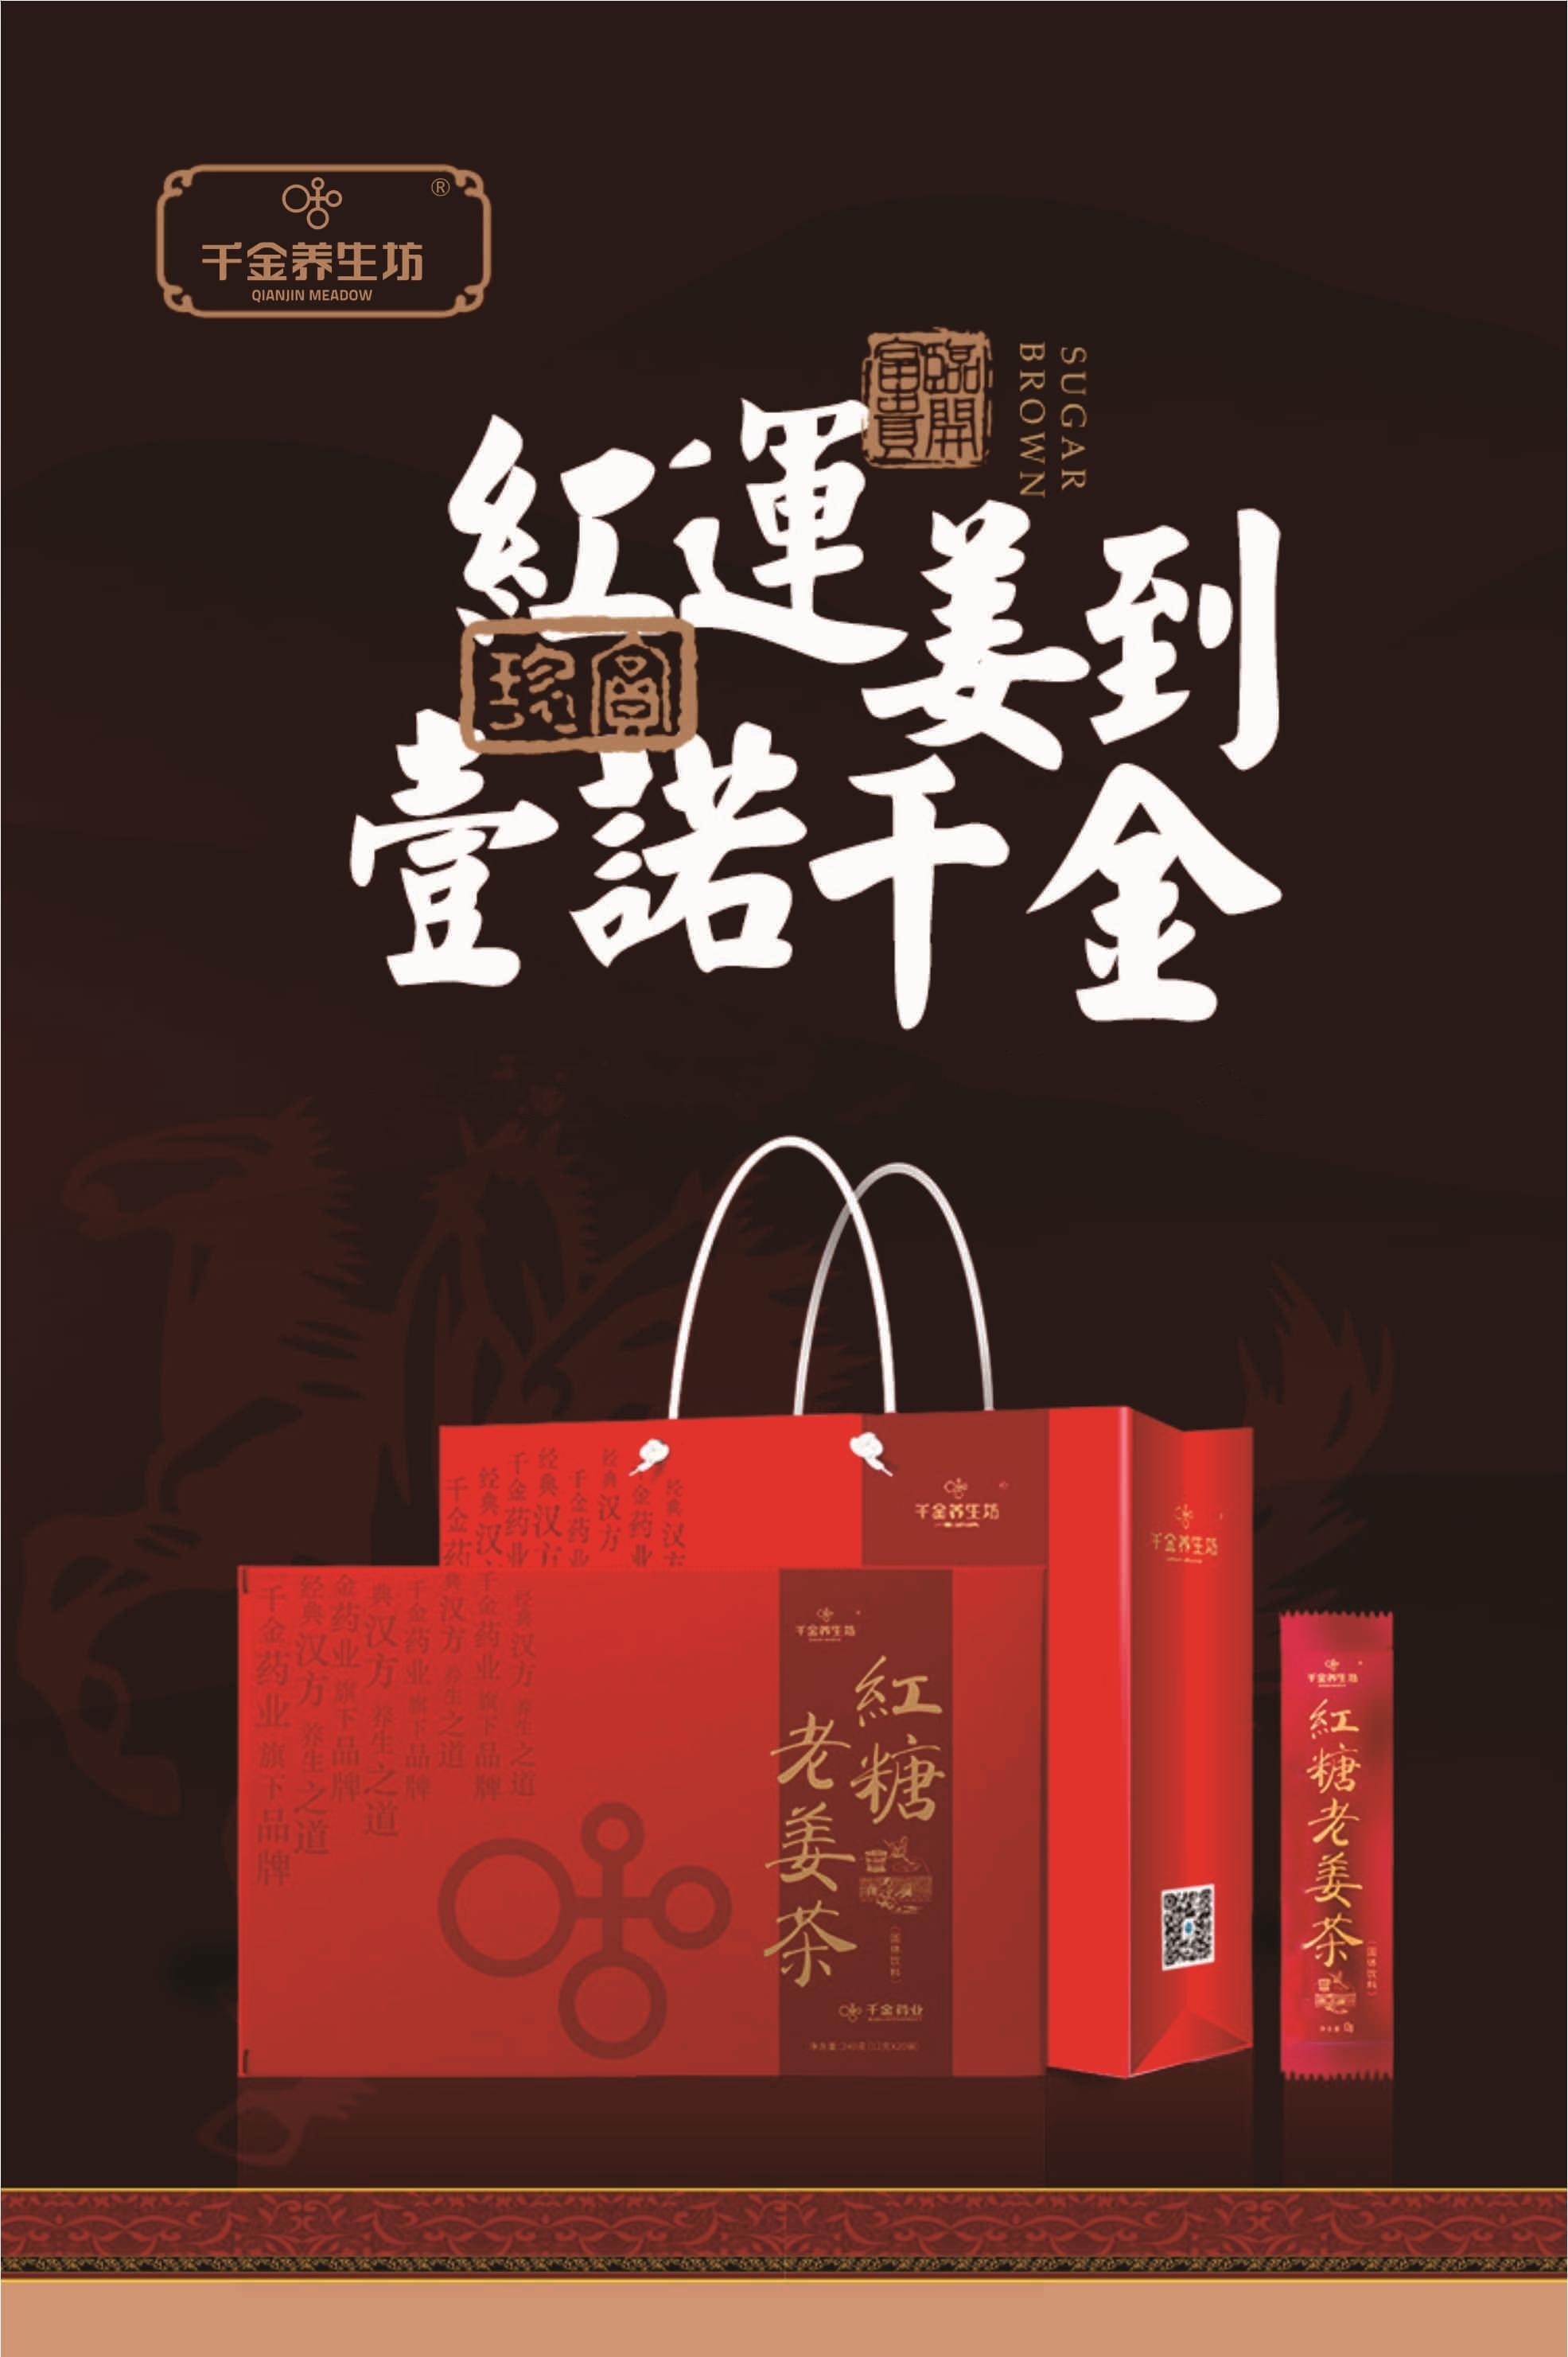 紅糖姜茶禮盒修改-12027552_01_副本